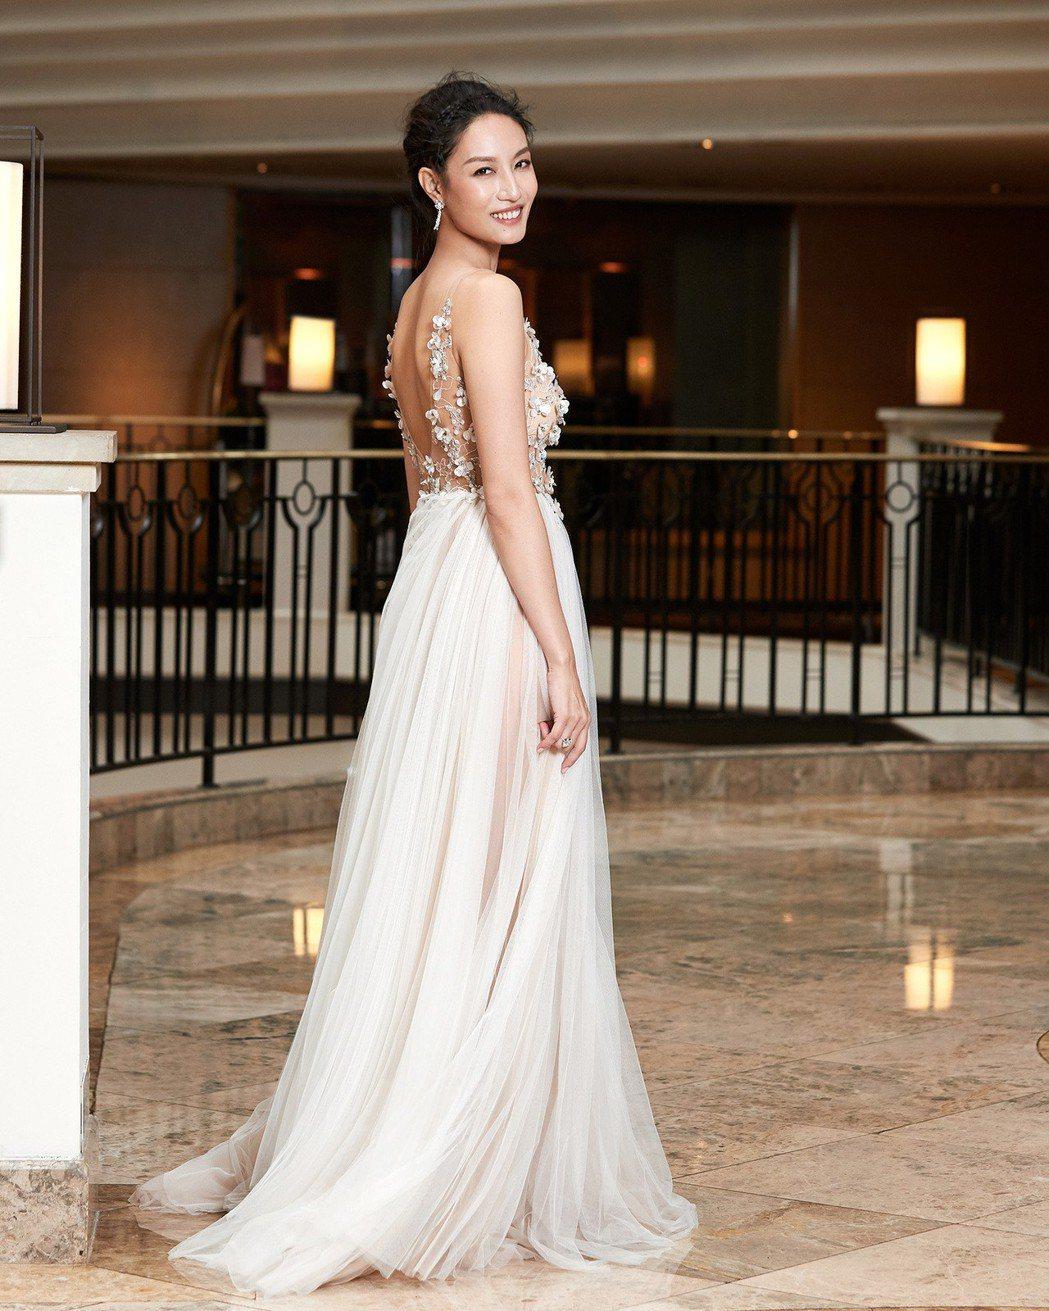 名模邱馨慧當六月新娘,台北歸寧宴露背簍空婚紗美豔動人。圖/凱渥提供